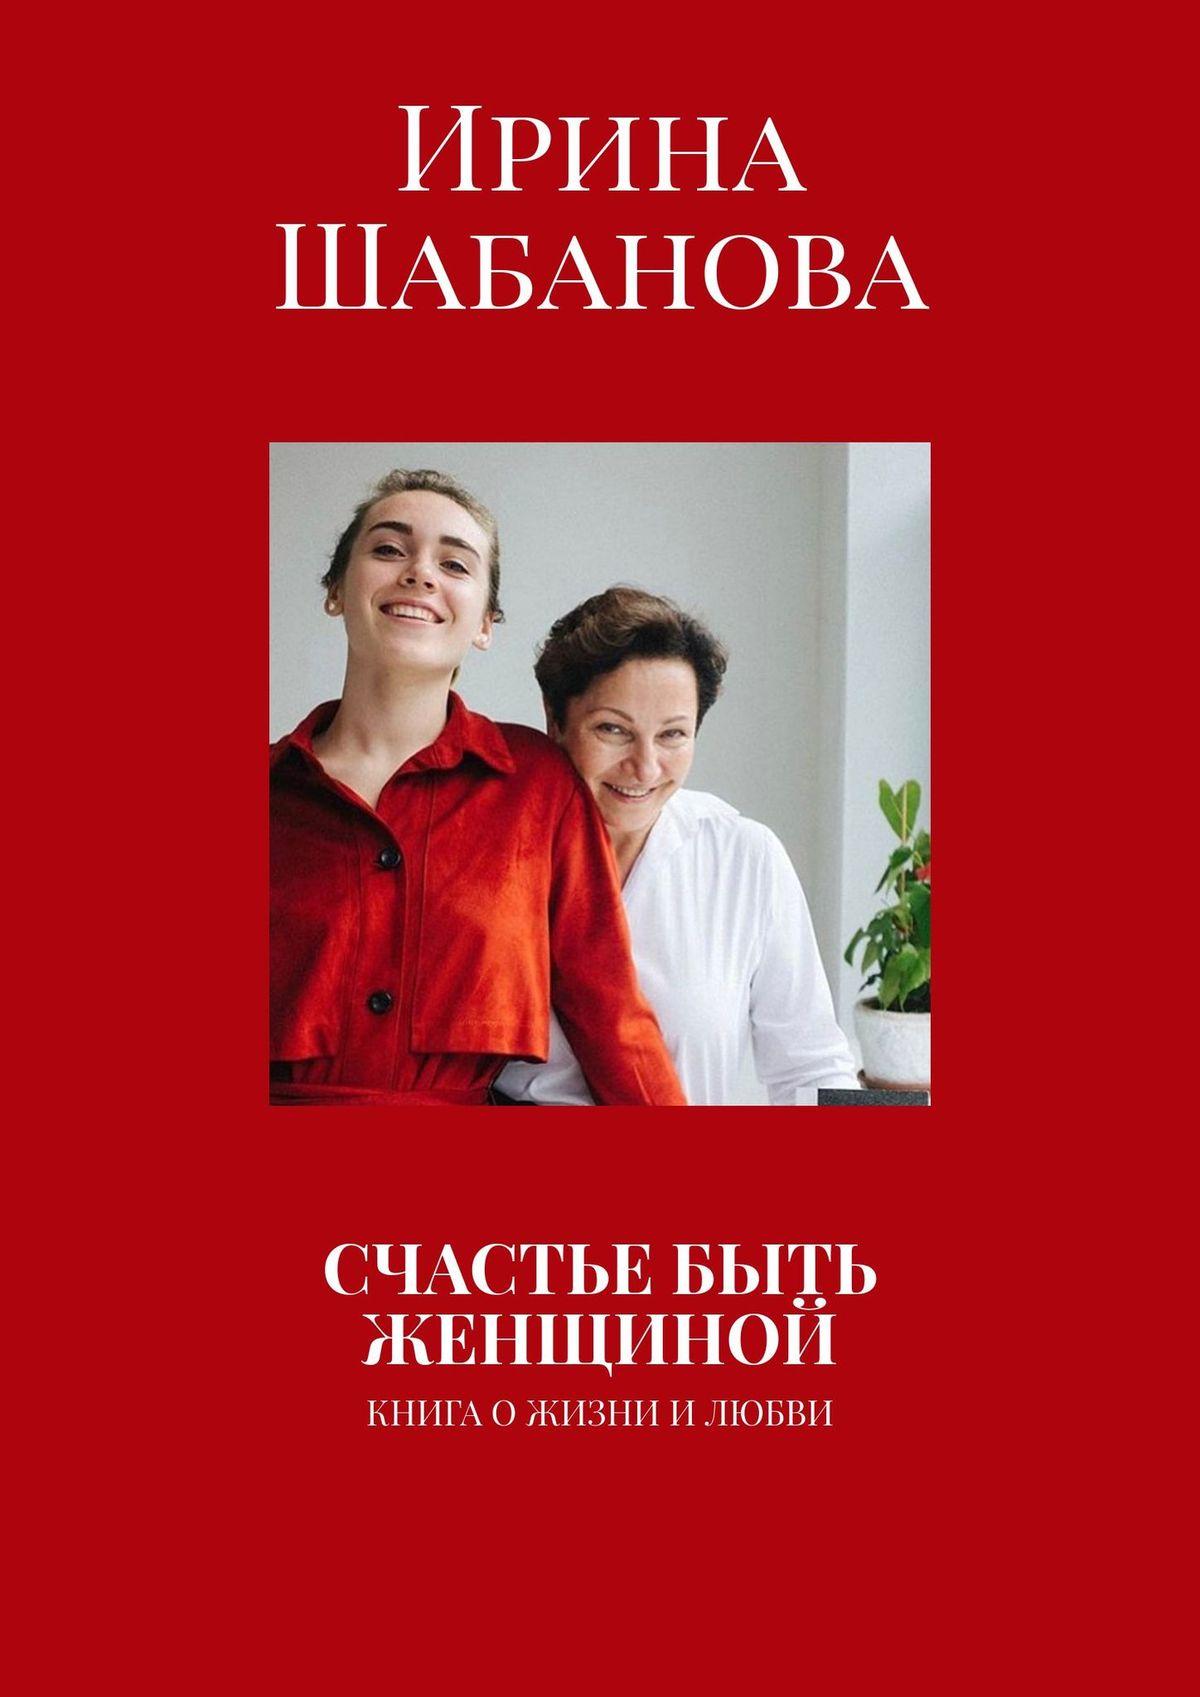 Купить книгу Счастье быть женщиной, автора Ирины Шабановой